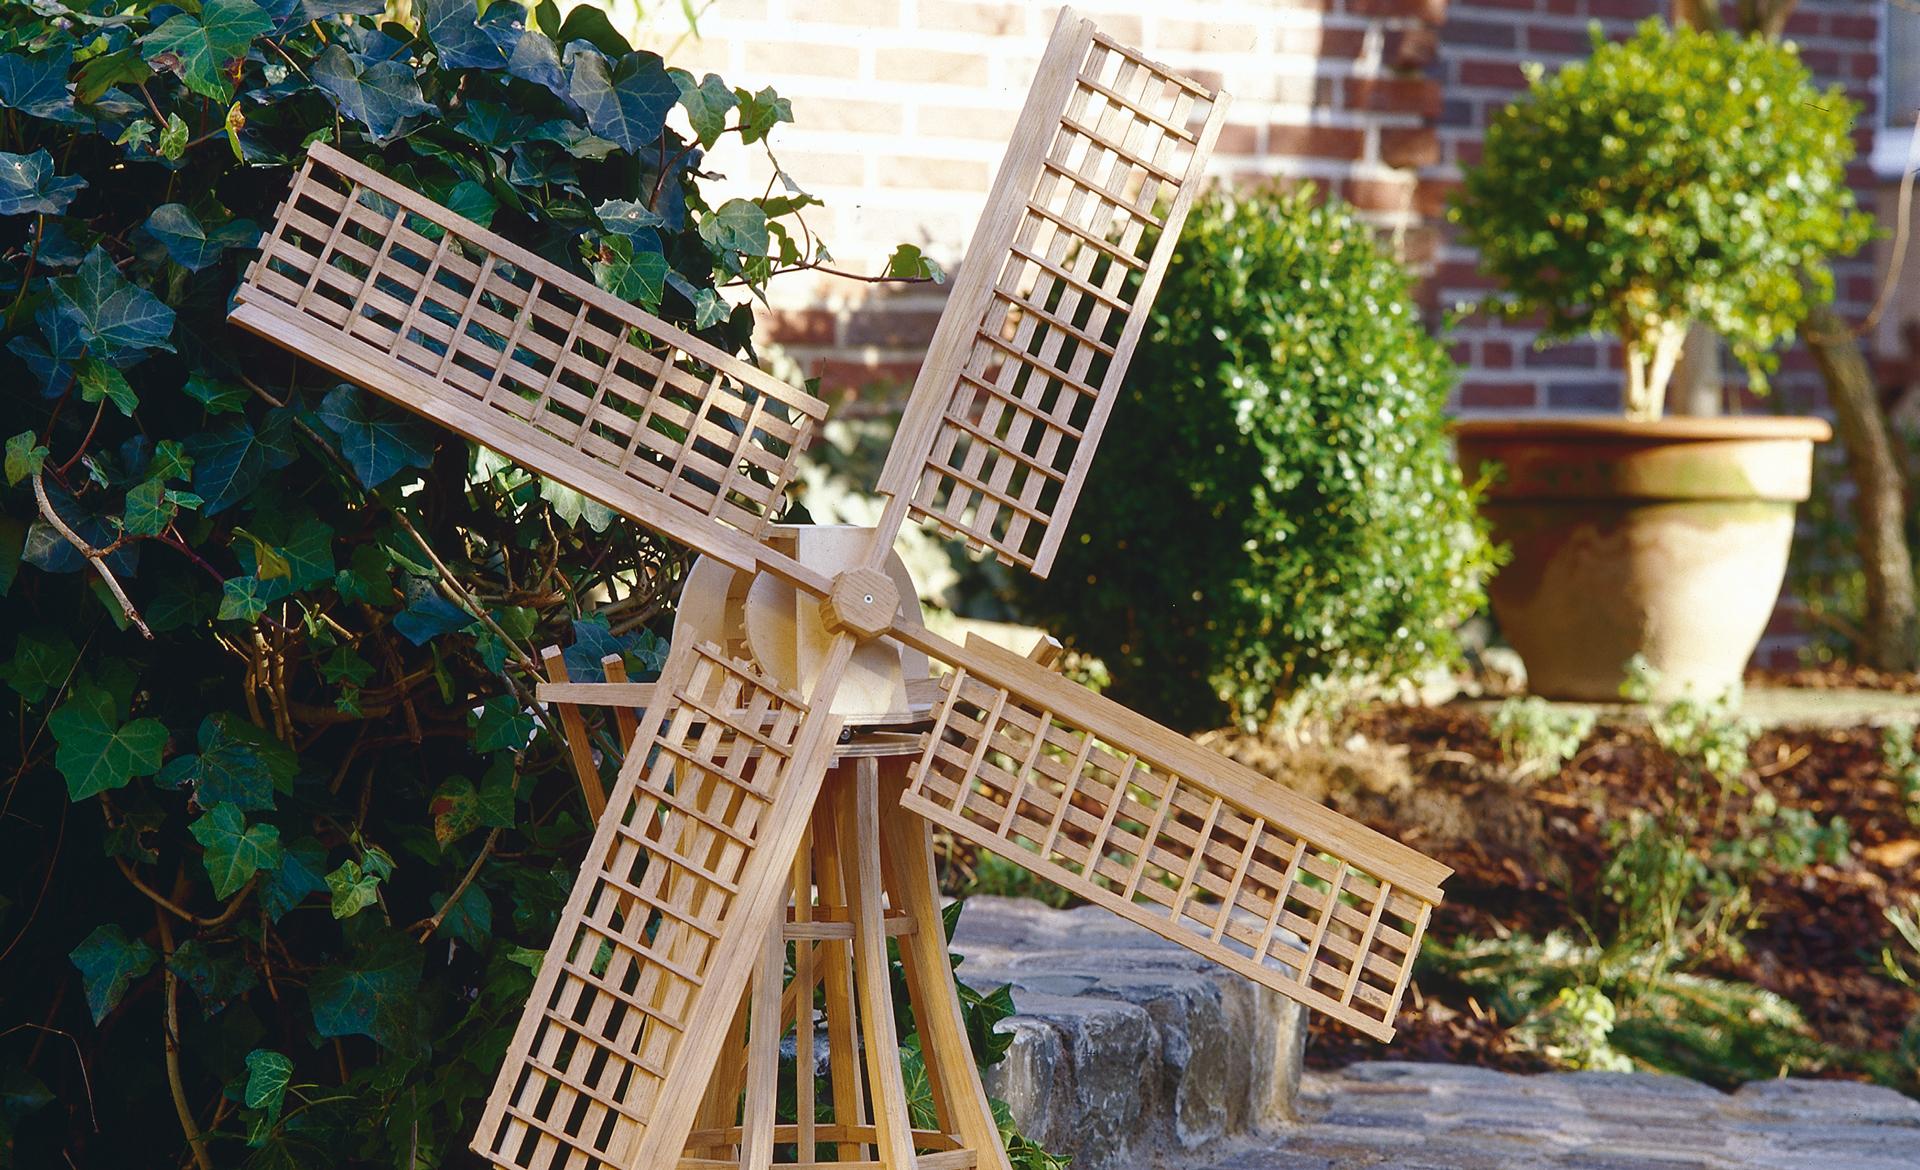 Bauplan: Fachwerk-Windmühle bauen